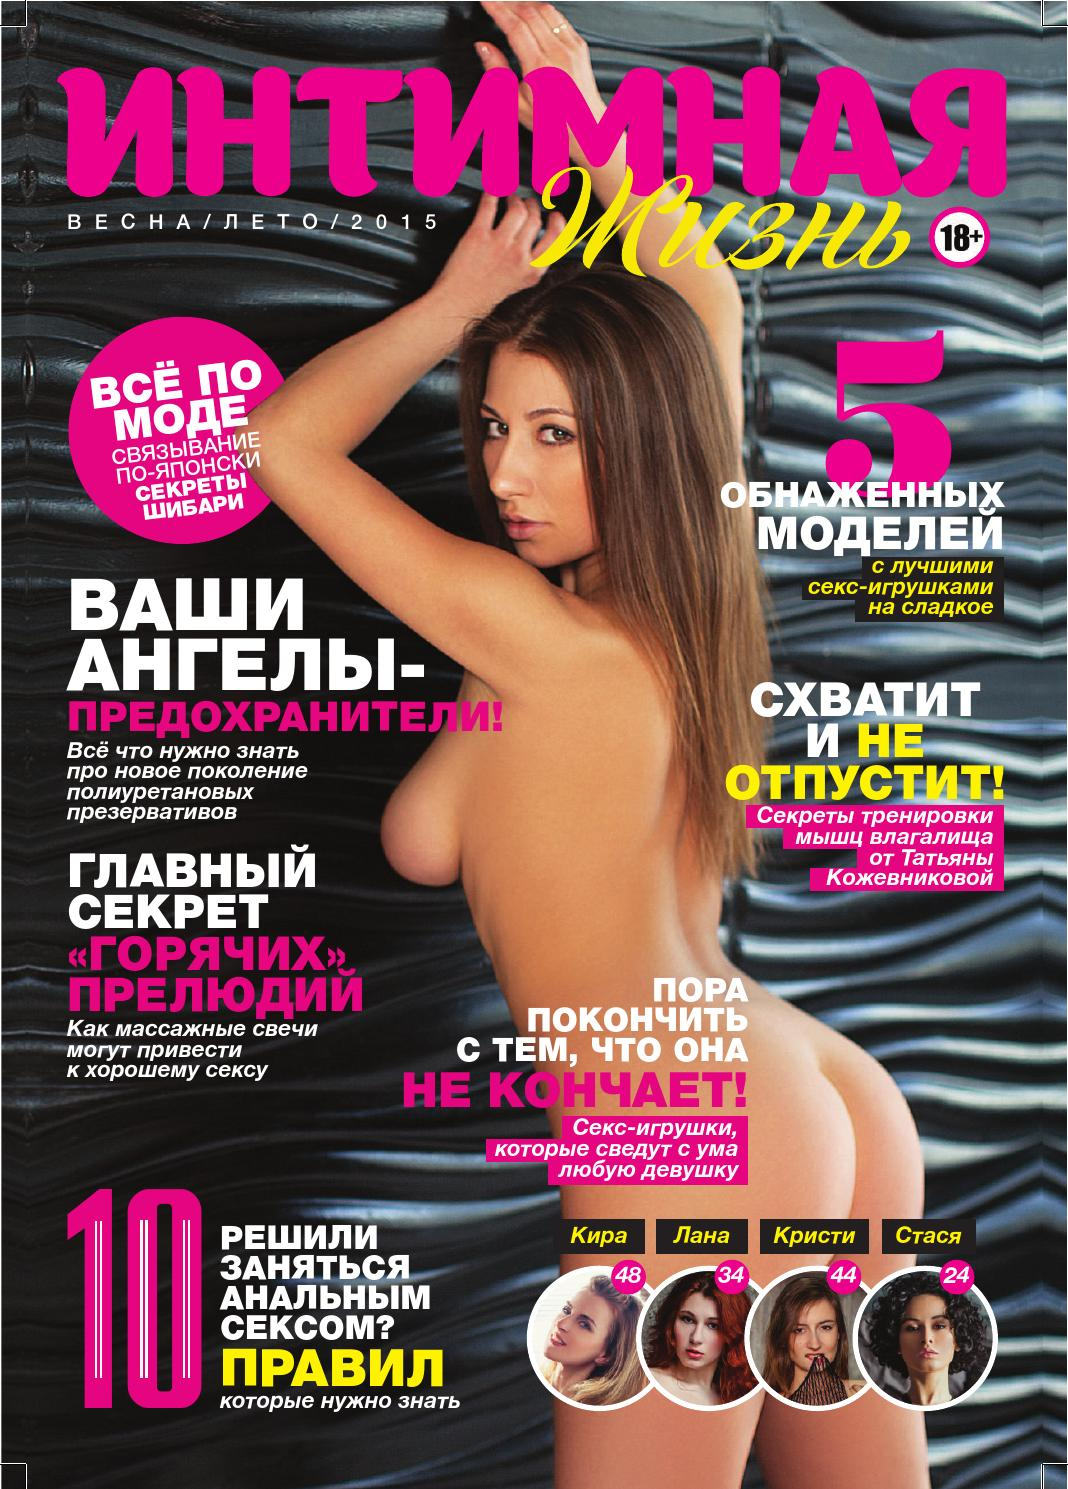 эро журнал для женщин онлайн - 8